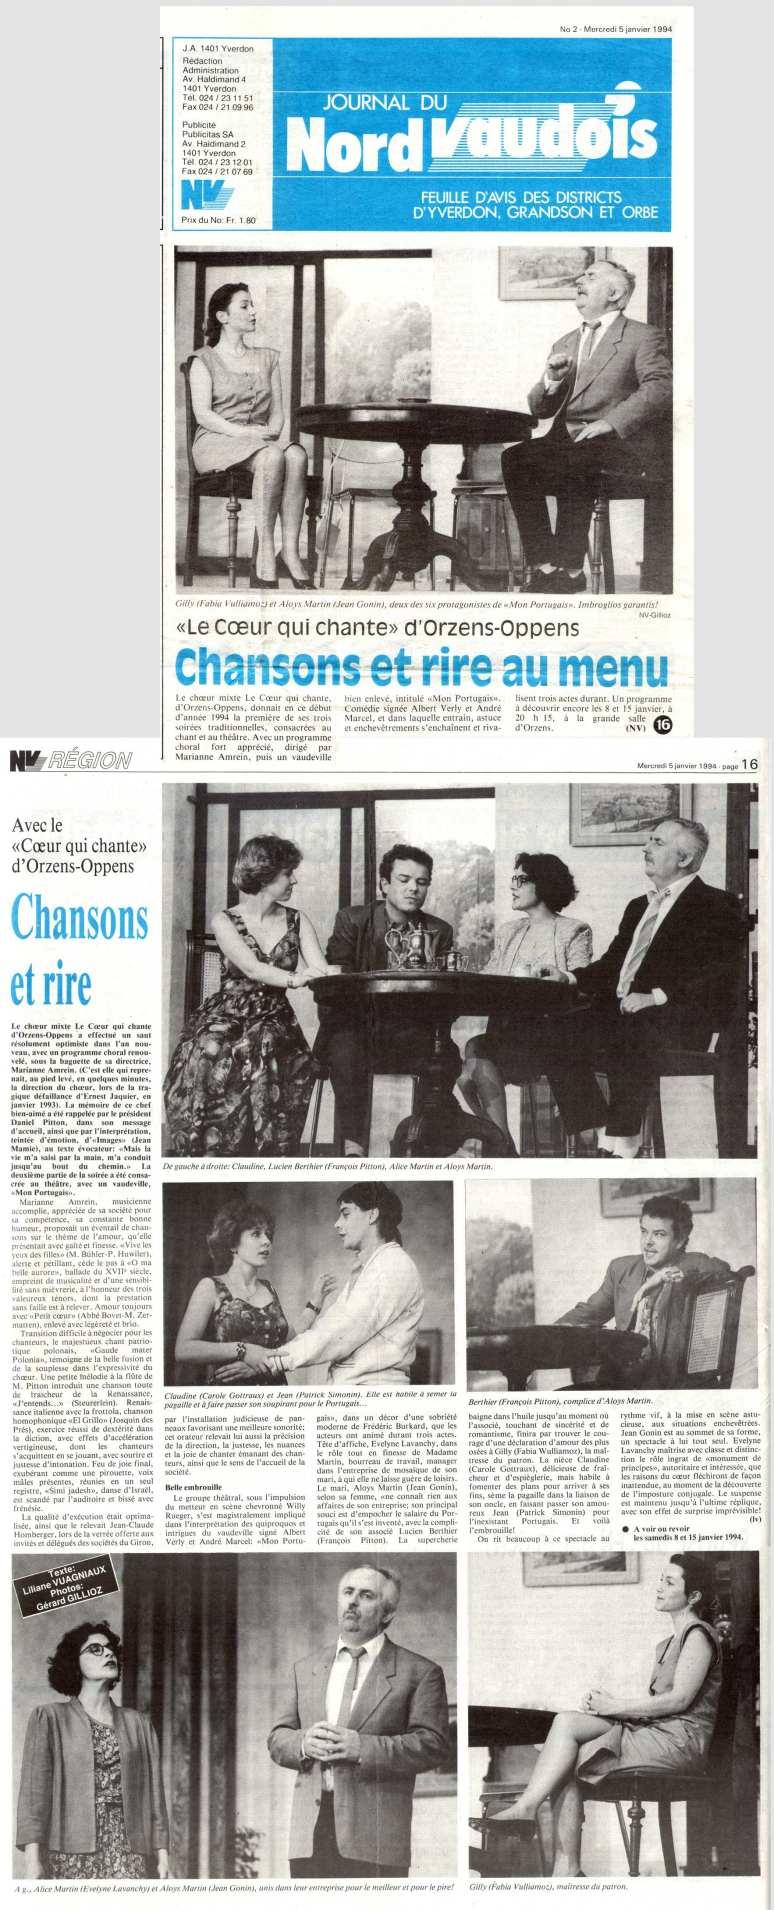 Journal du Nord vaudois 5 janvier1994 mon Portuguais Orzens